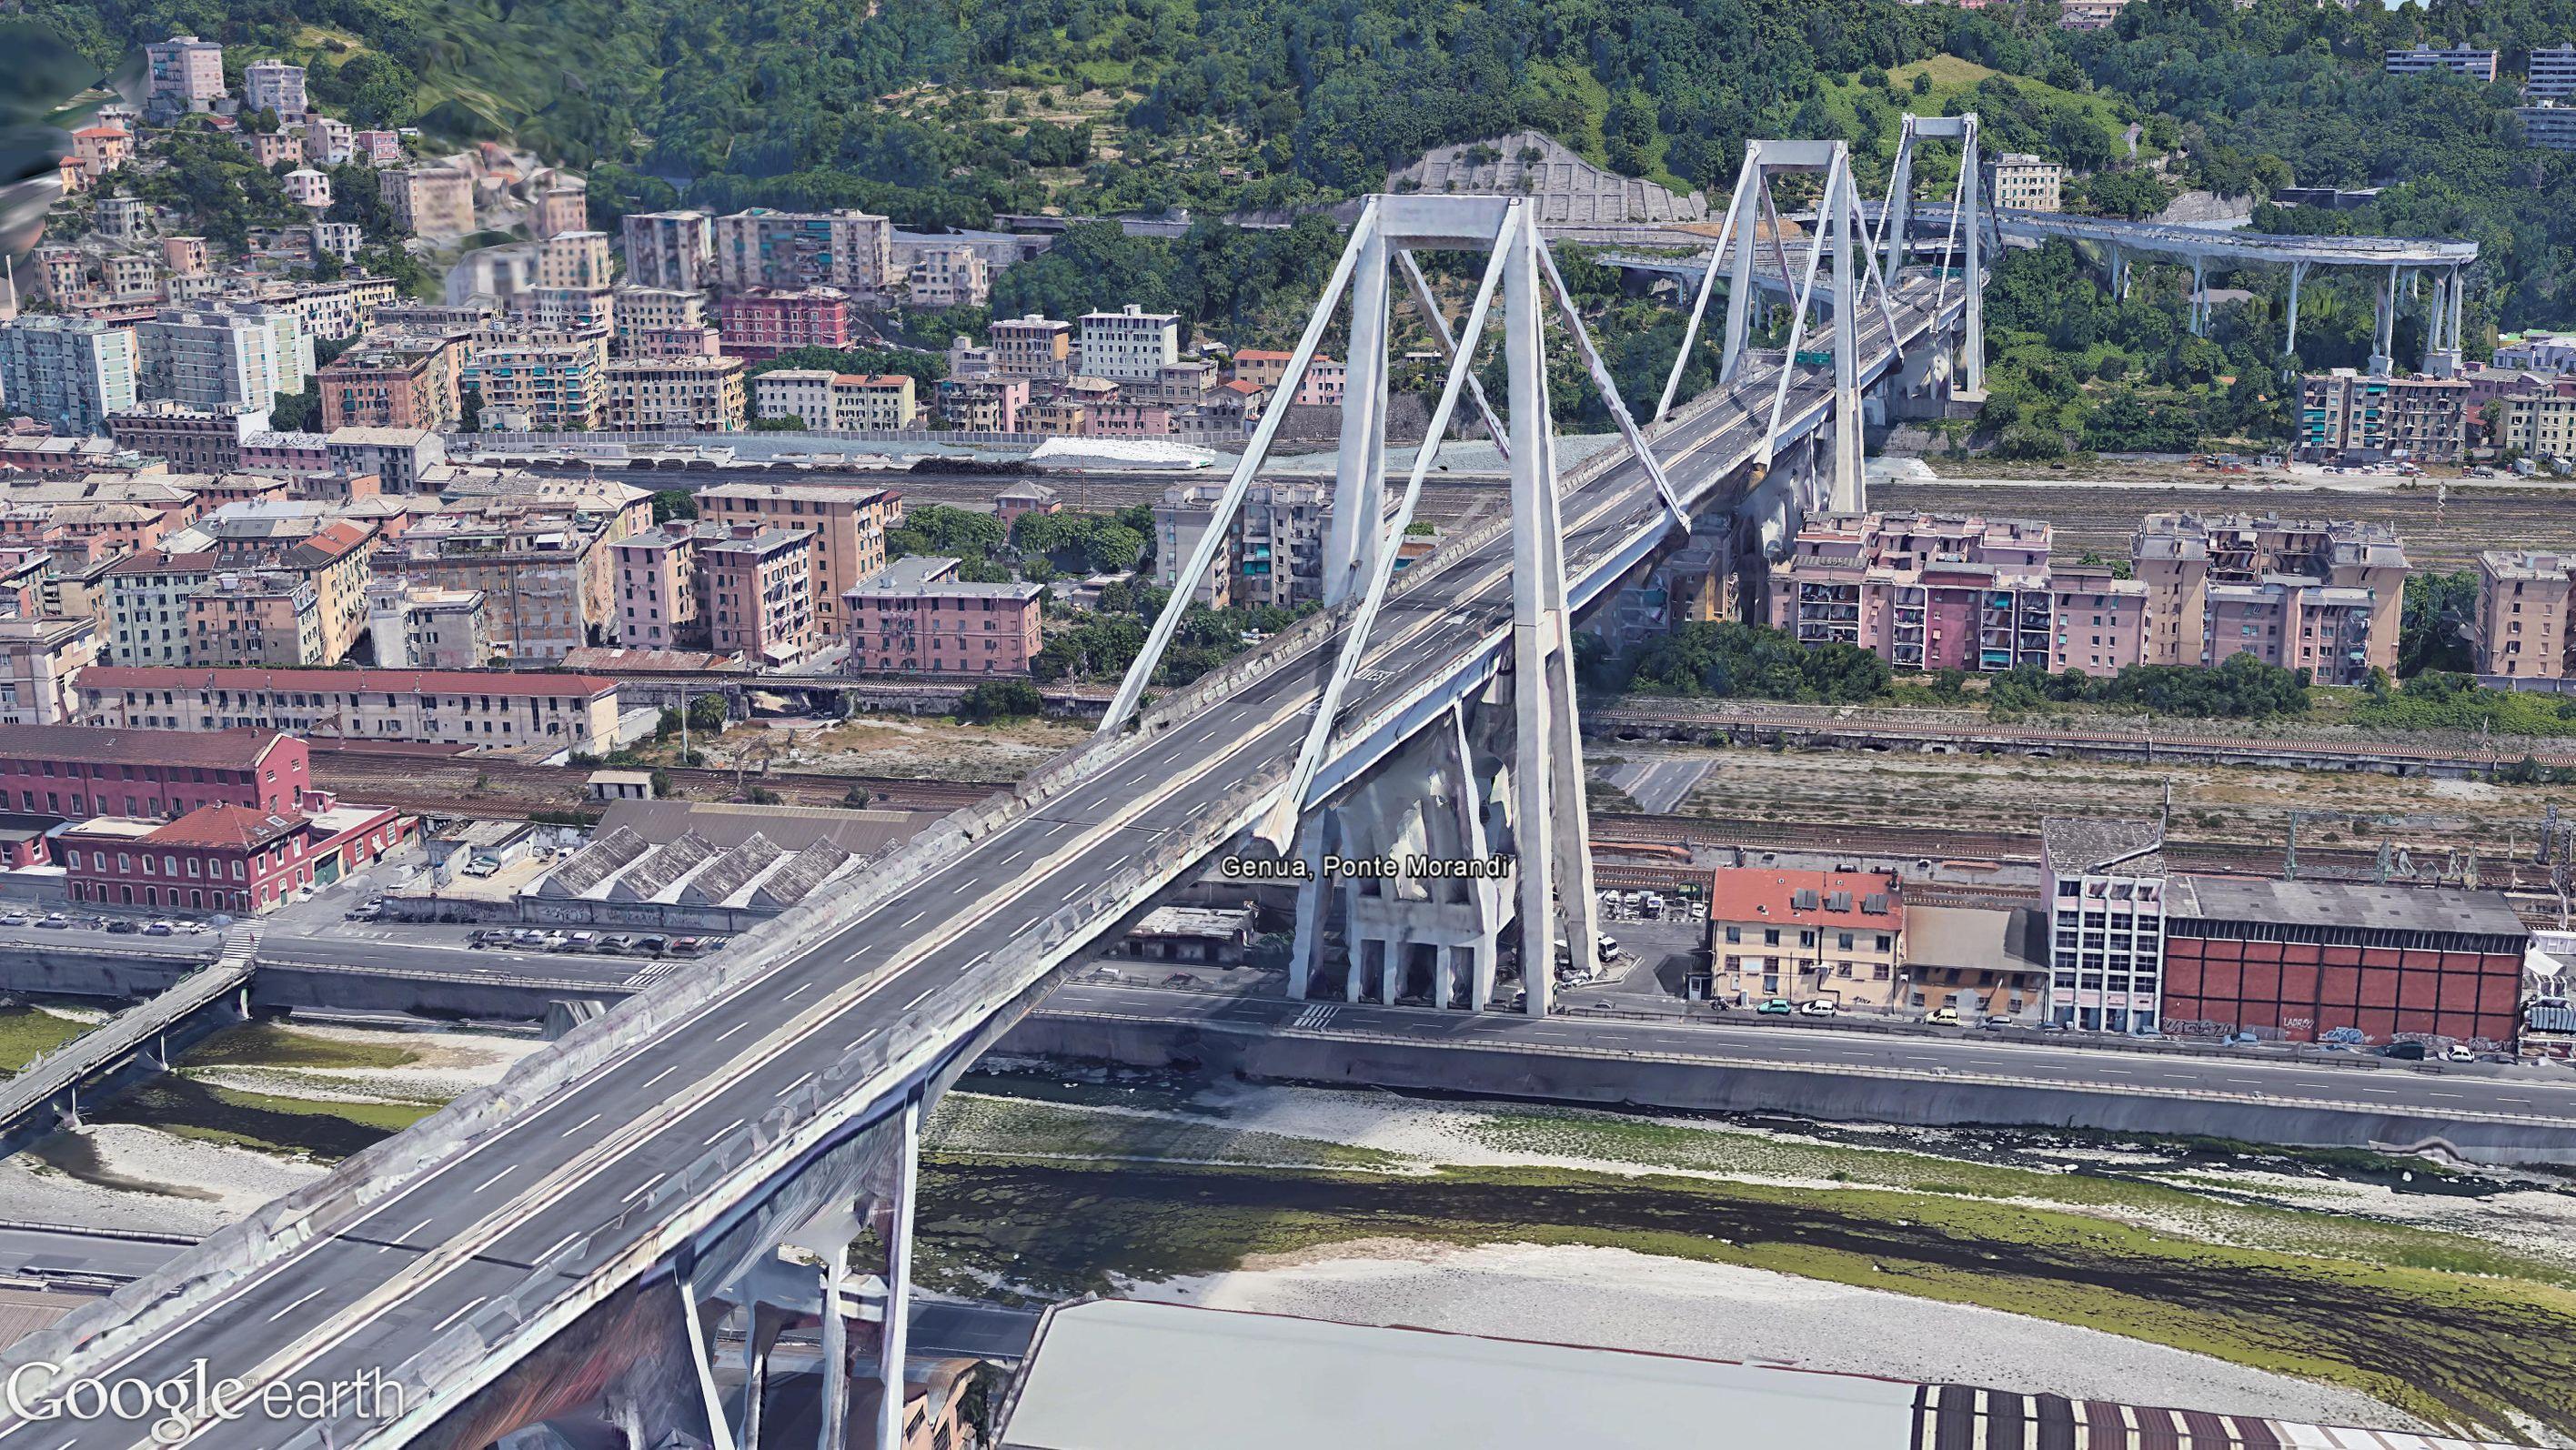 Die Brücke vor dem Unglück auf einem Google Earth Bild